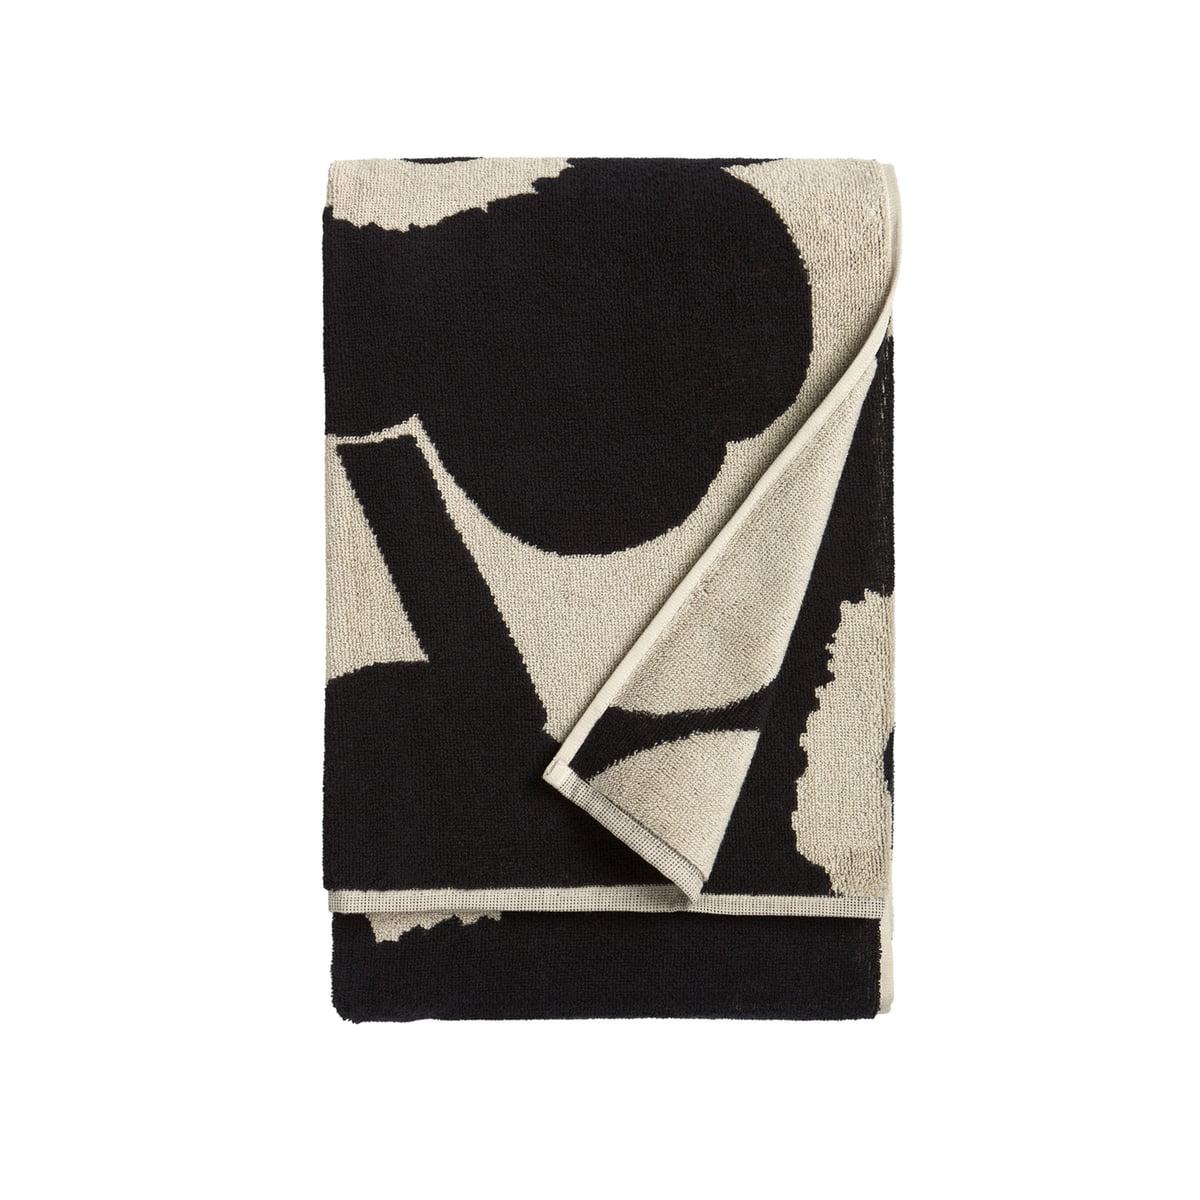 Marimekko - Unikko Badetuch 75 x 150 cm, schwarz   Bad > Handtücher > Badetücher   Schwarz   marimekko